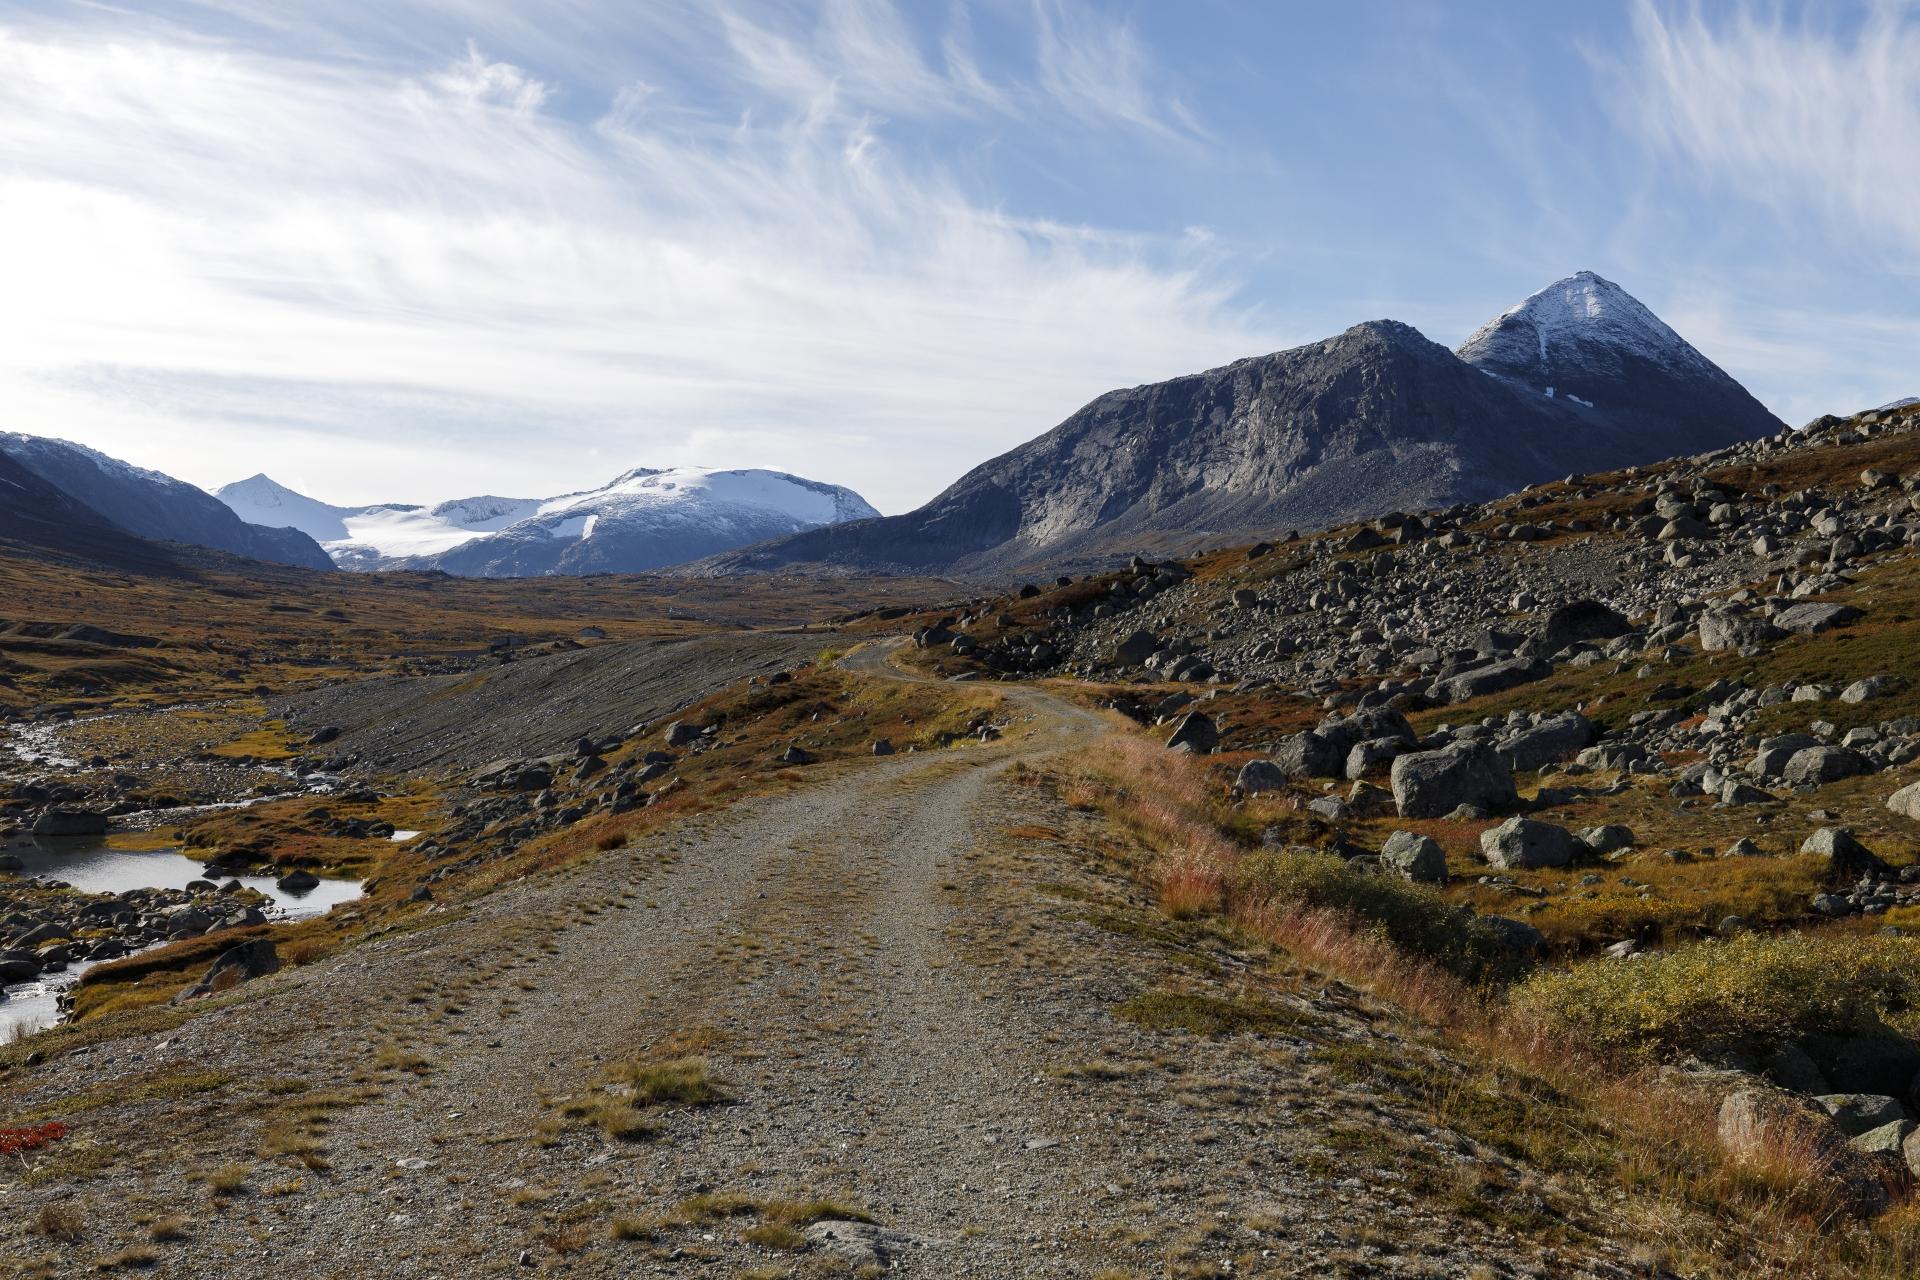 Auf dem Weg nach Katterat, Blick zurück zum Storsteinsfjellet